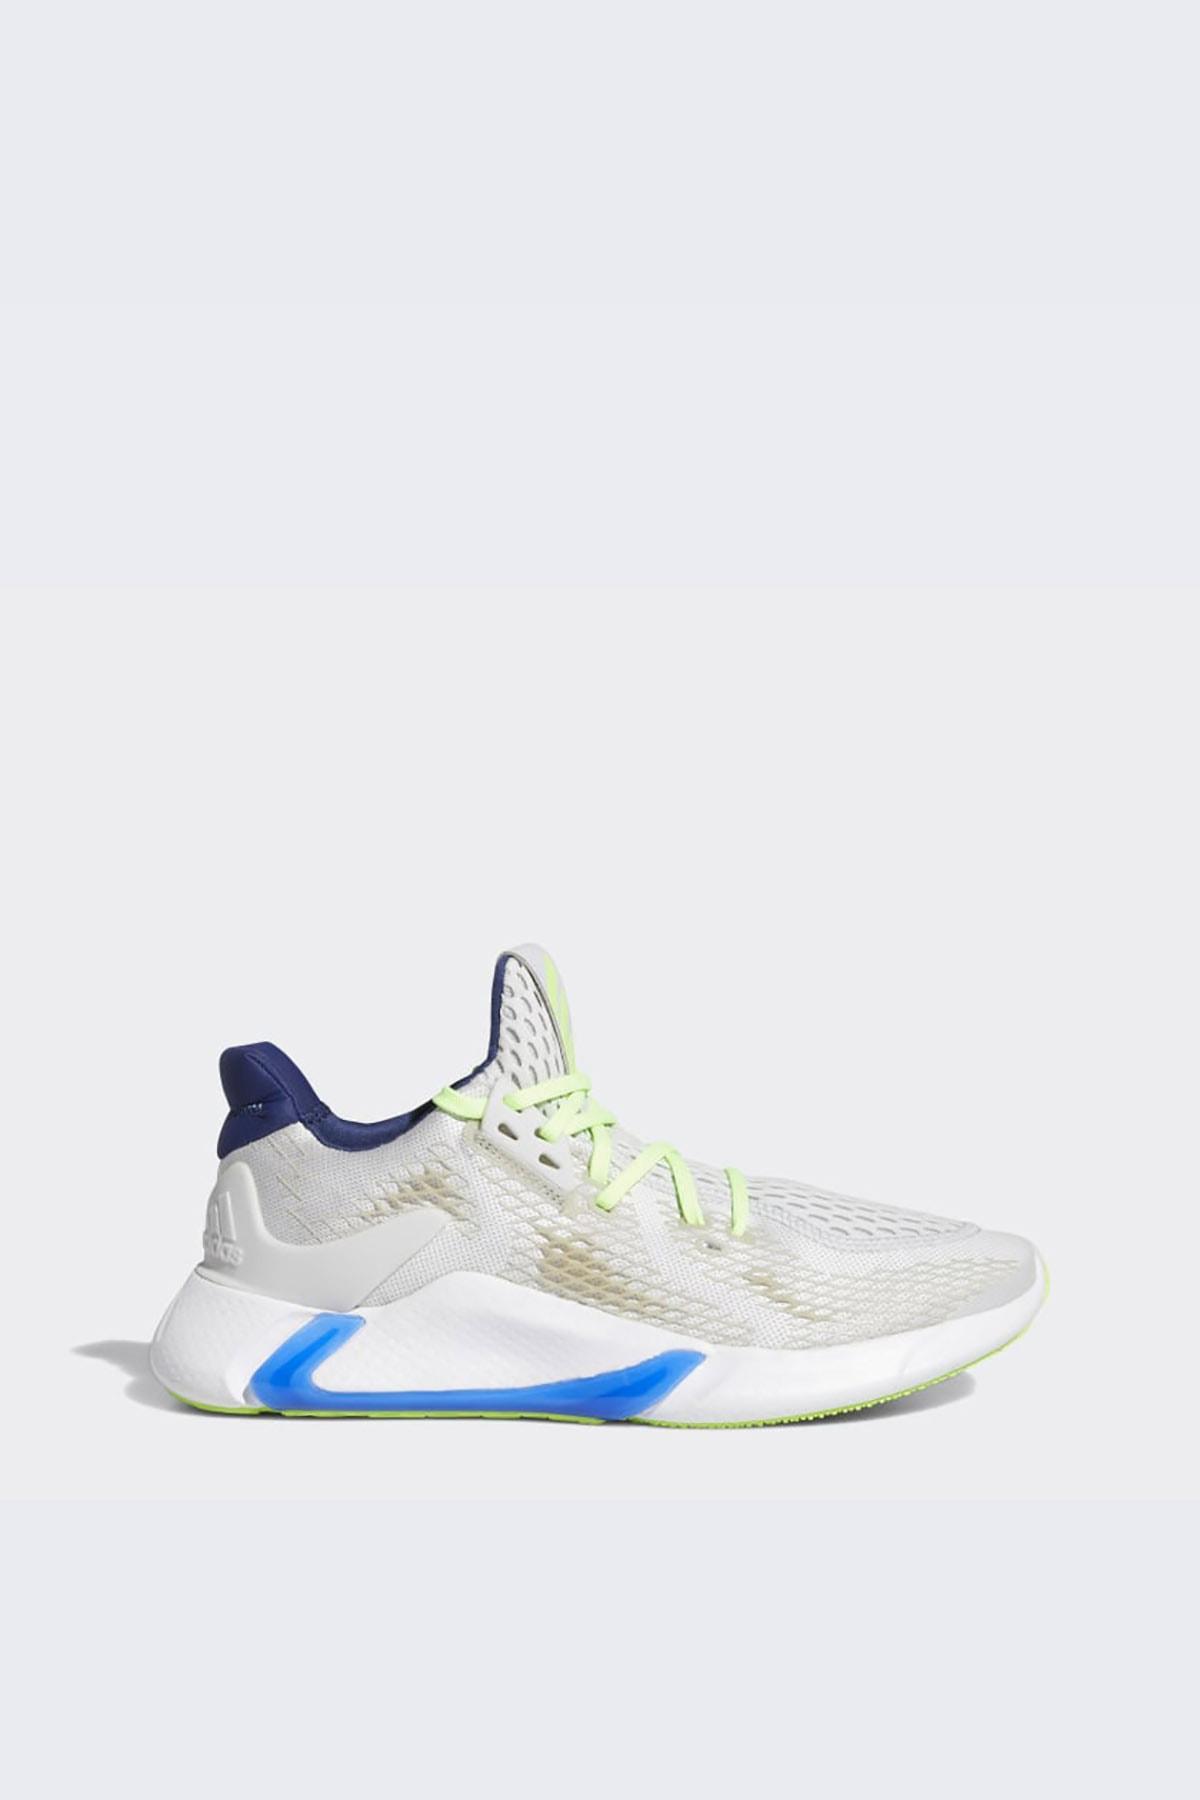 adidas Erkek Günlük Spor Ayakkabı Edge Xt Summer Rdy Eg1403 1